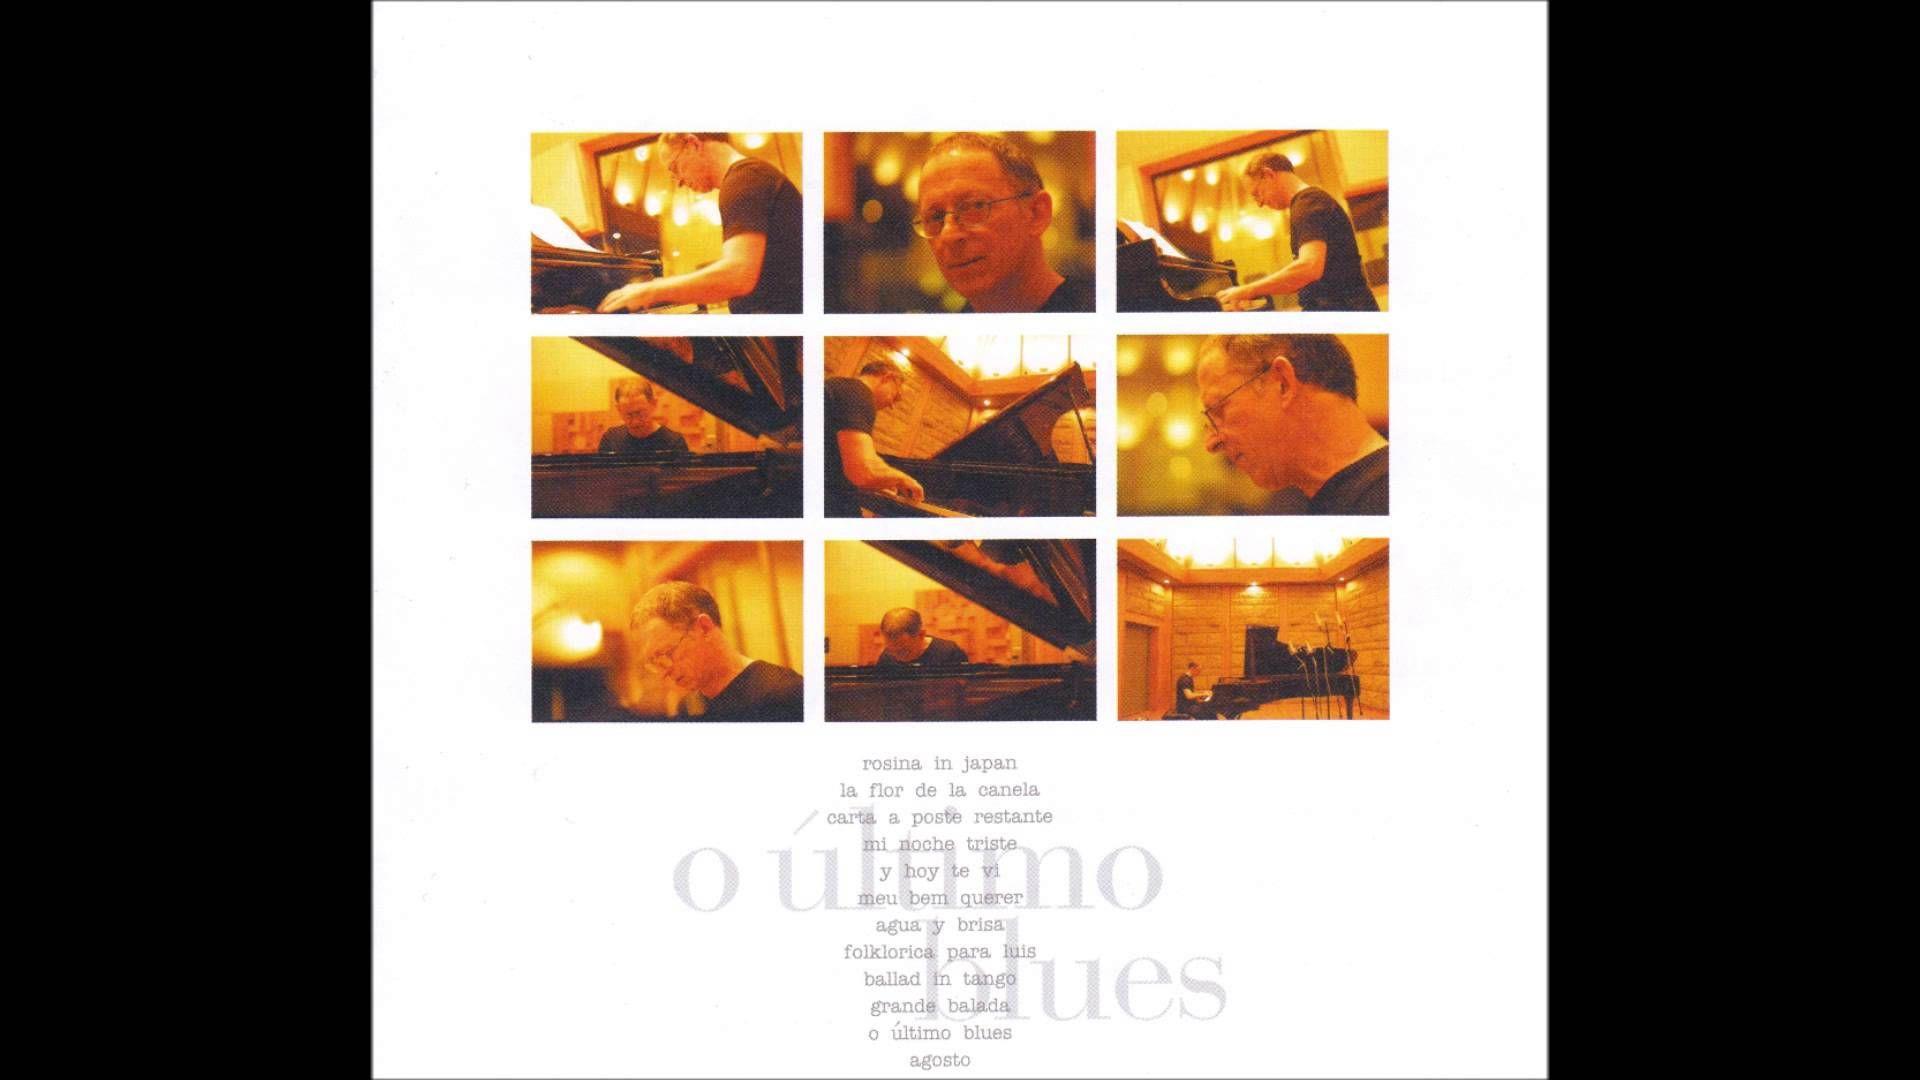 Hugo Fattoruso - Mi noche triste